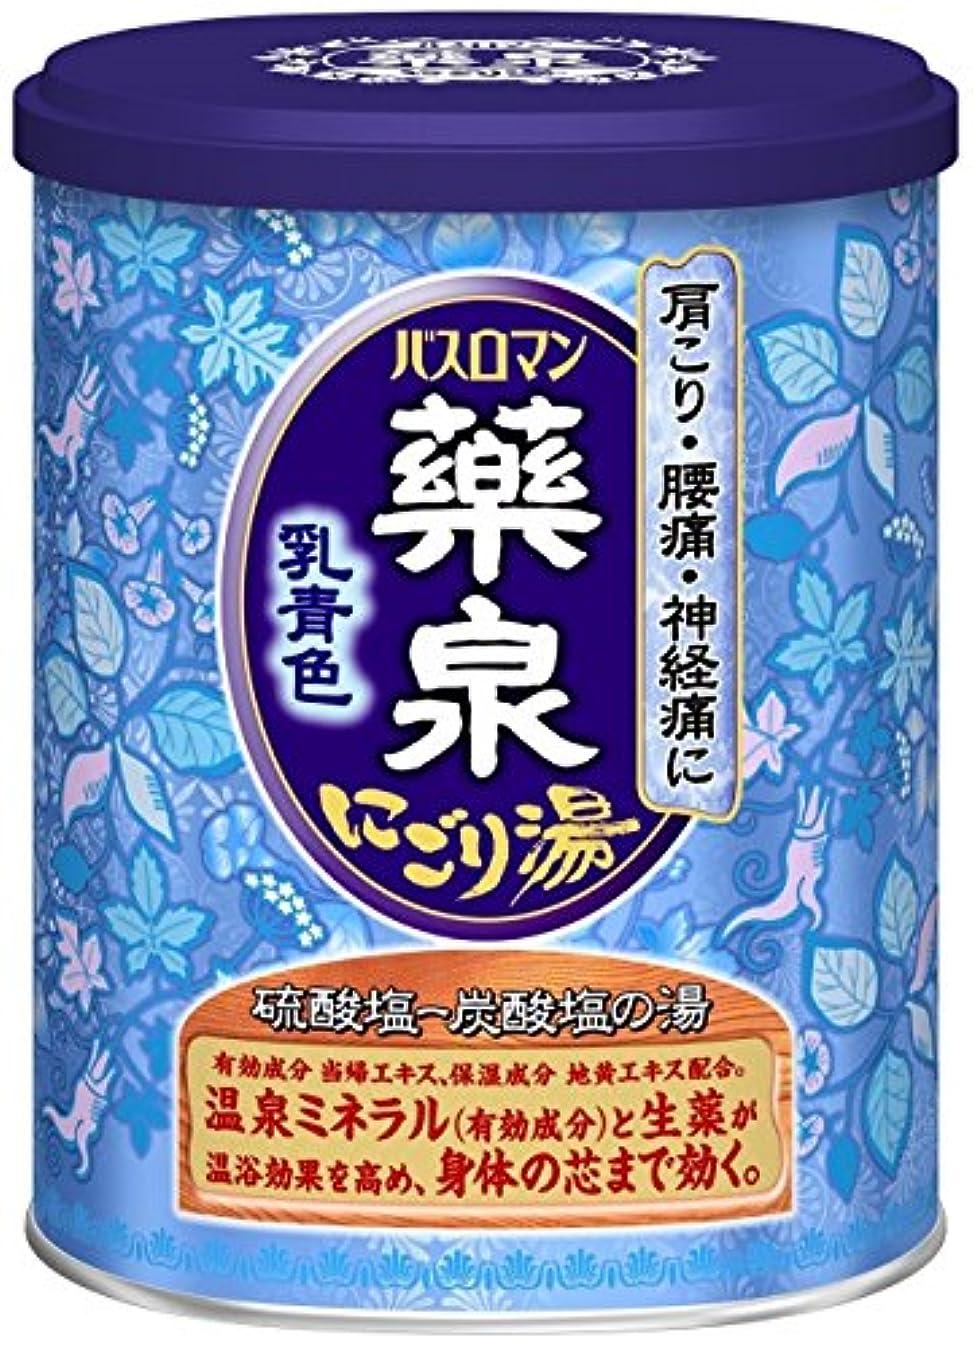 流産ミスポンプ3個セット アース製薬 薬泉バスロマン にごり湯 乳青色 650g